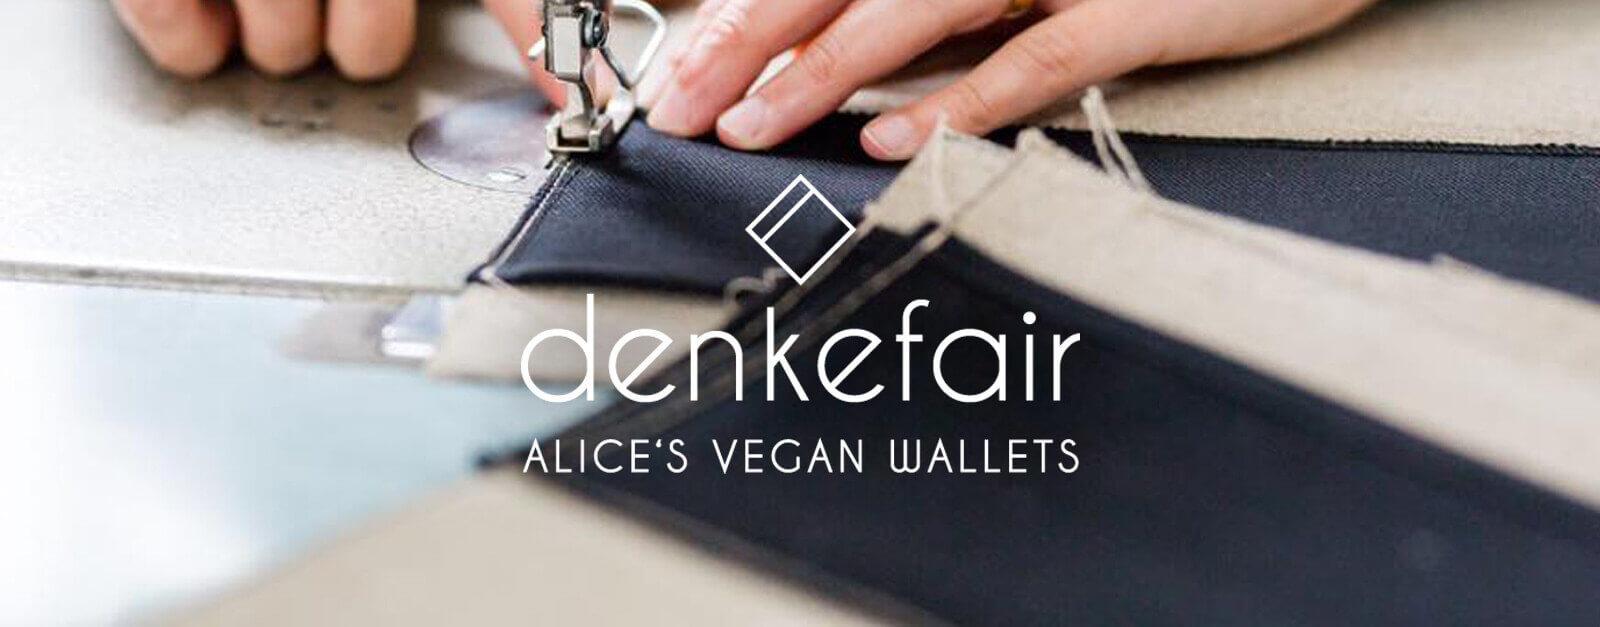 Banner-denkefair-2